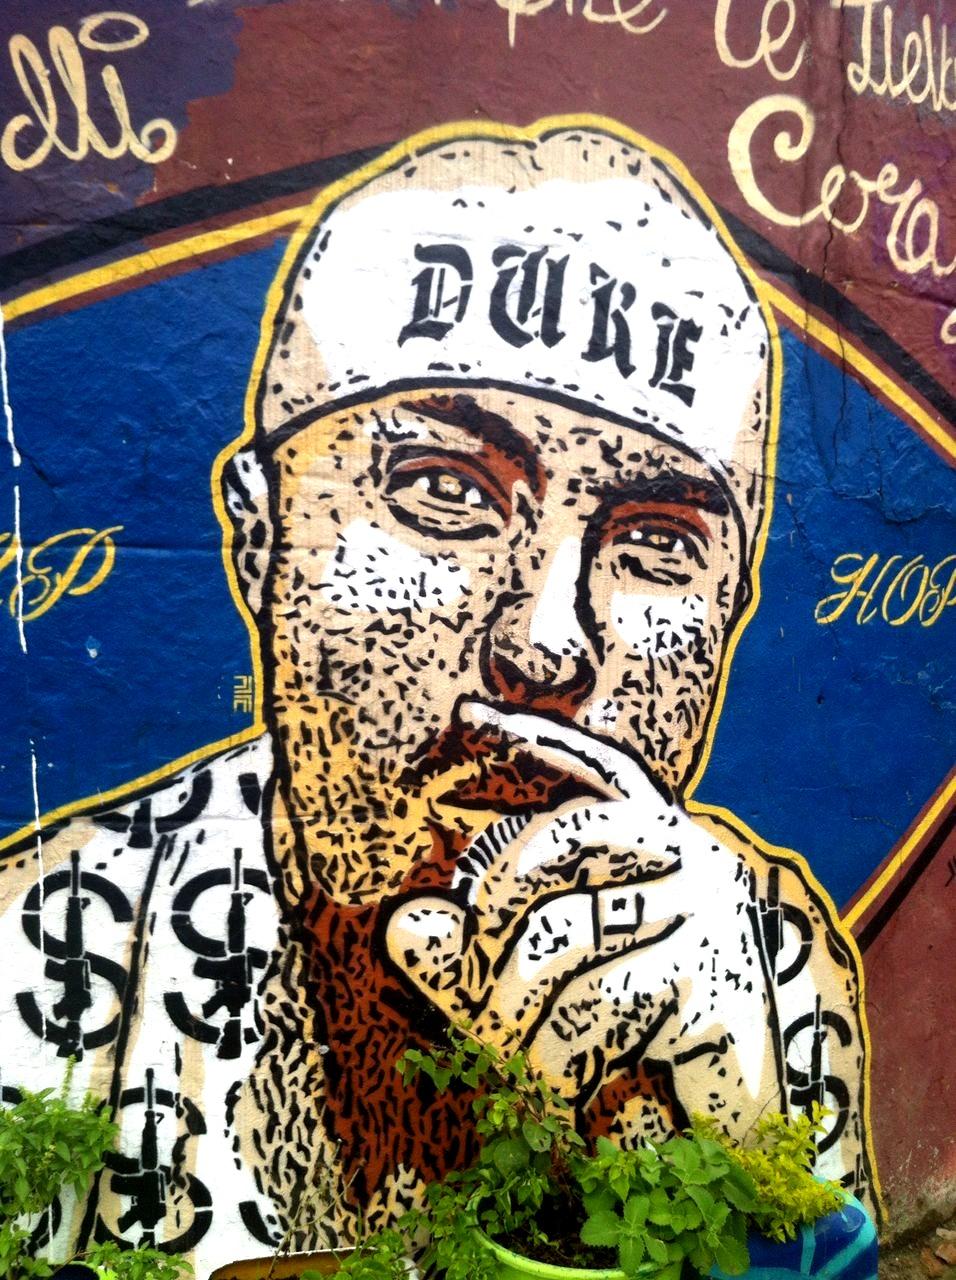 Grafiti en homenaje a Elider Varela 'El Duke', gestor cultural e impulsor del hip hop en la comuna 13, que fue asesinado en 2012, como muchos otros raperos de la zona.